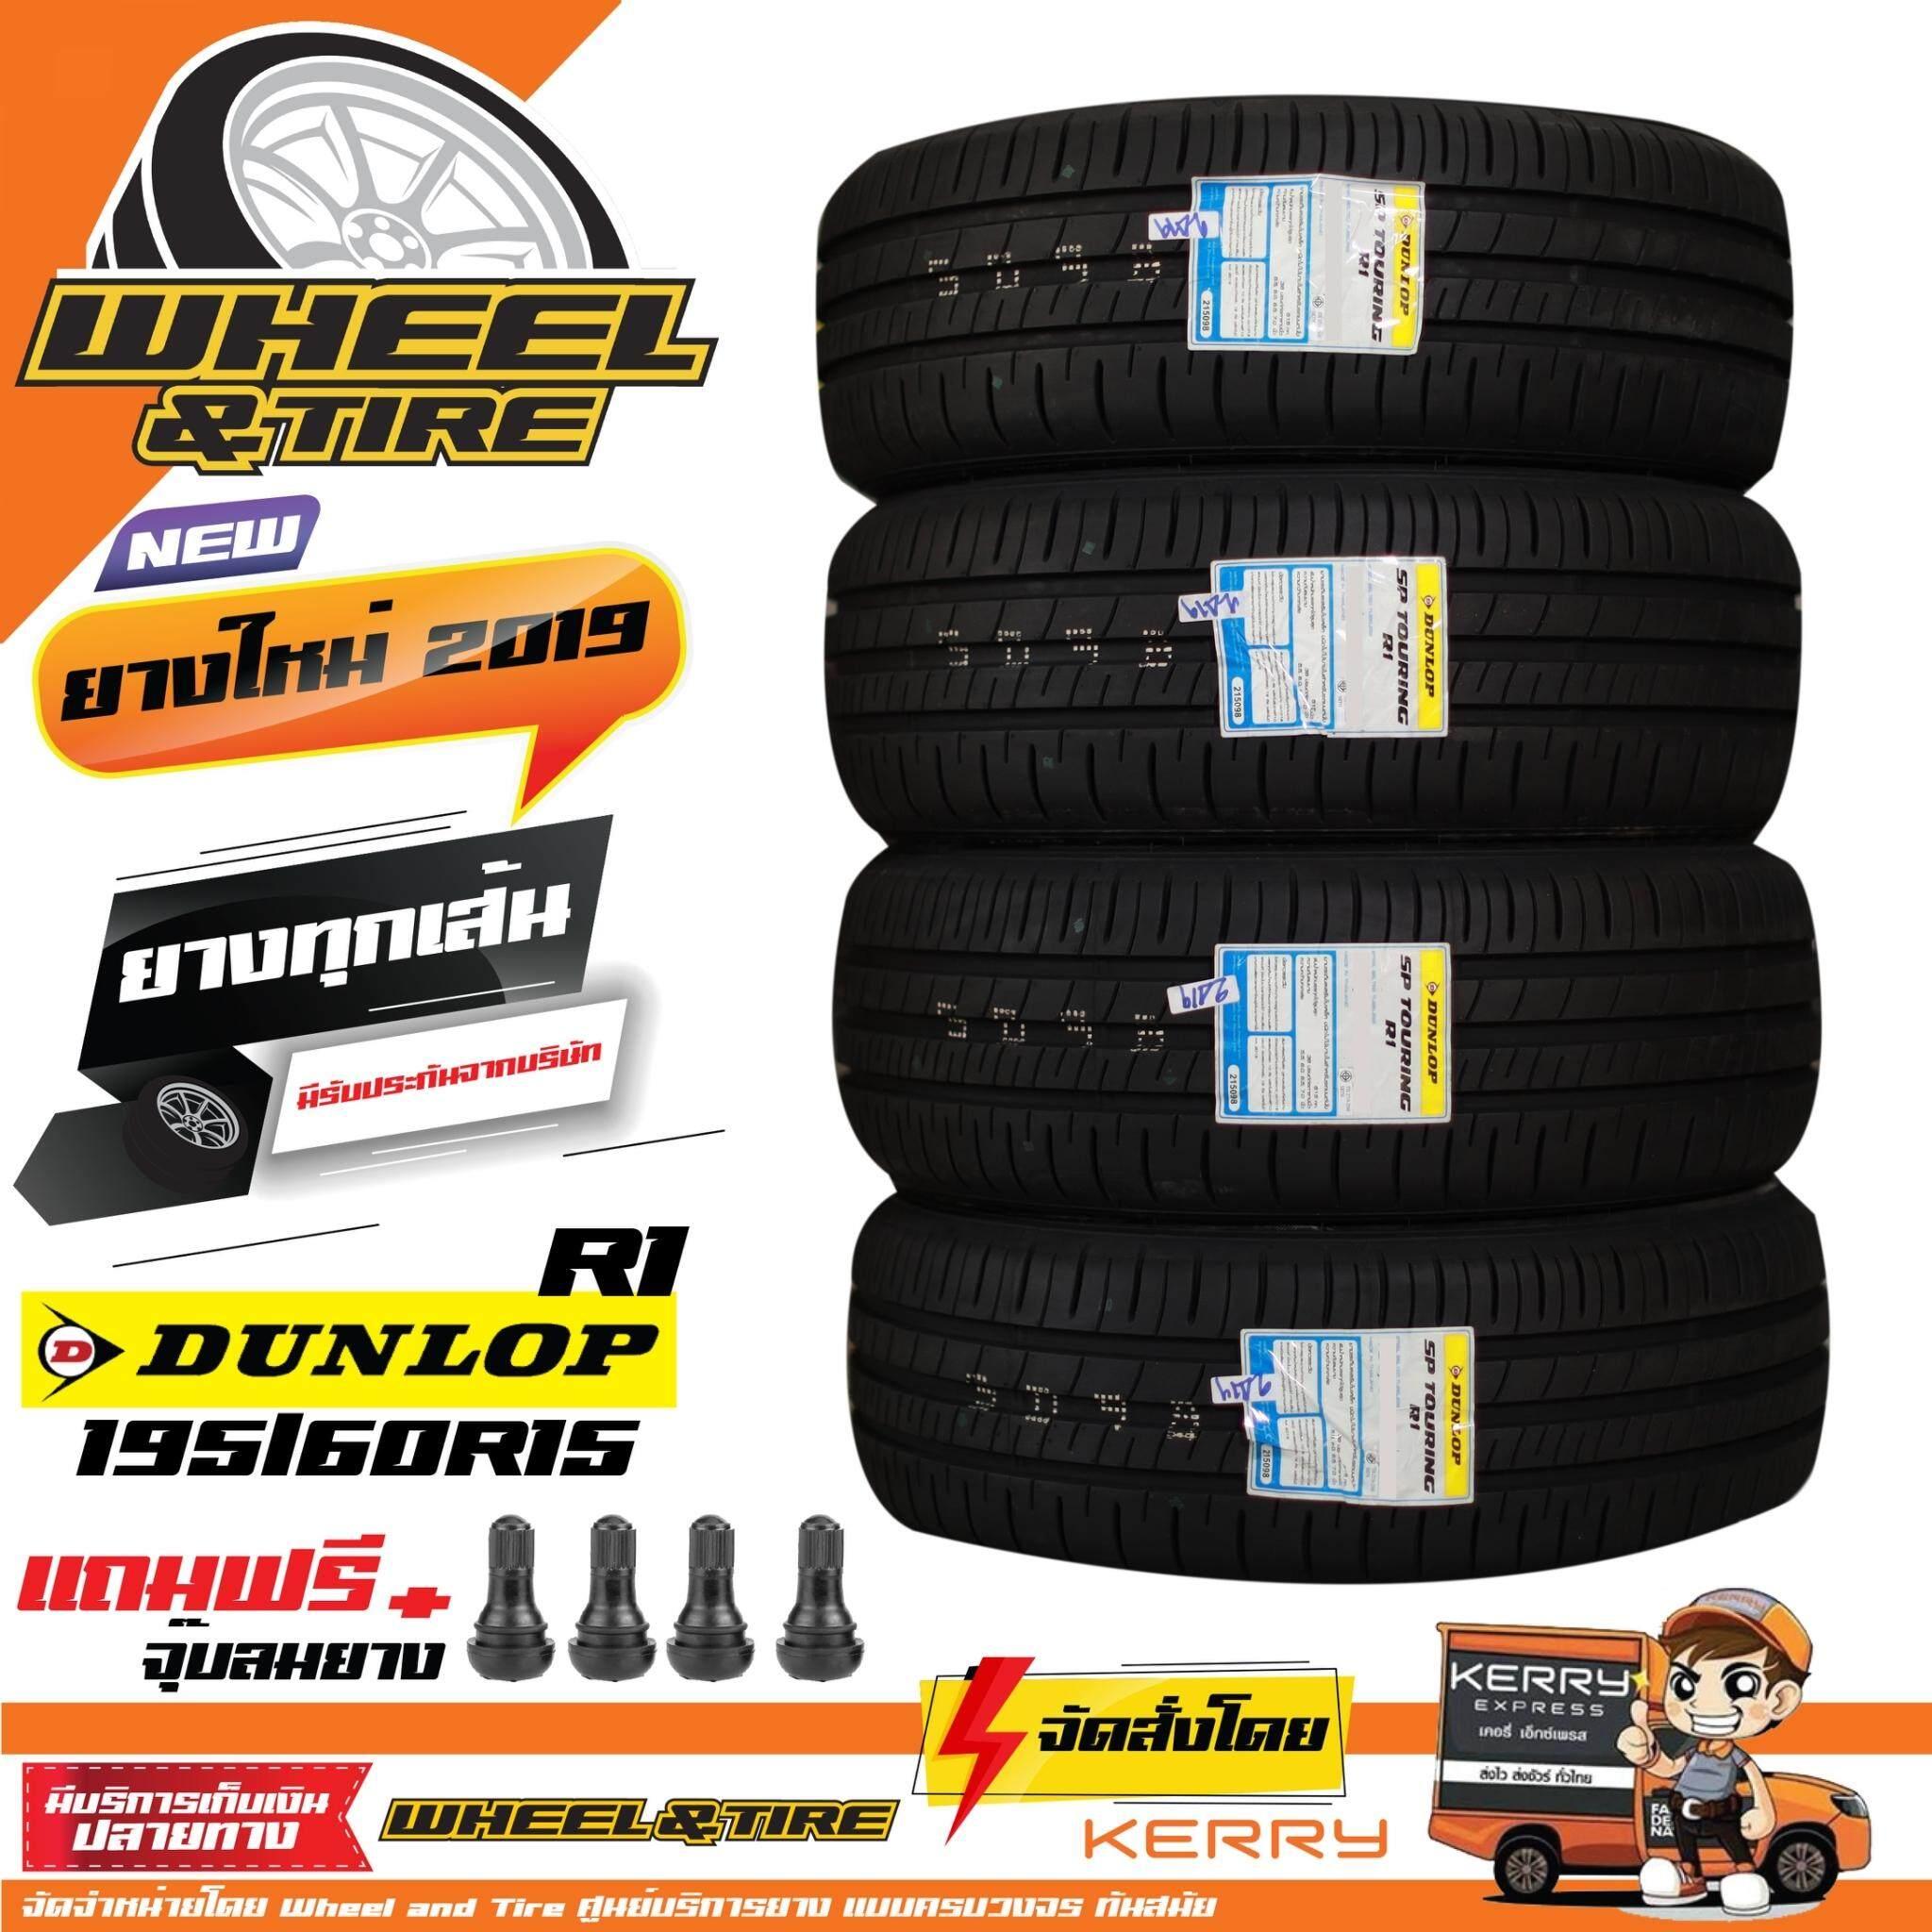 ชัยนาท Dunlop ยางรถยนต์ 195/60R15 รุ่น SP Touring R1   จำนวน 4 เส้น ยางใหม่ปี 2019   แถมฟรีจุ๊บลมยาง 4 ชิ้น